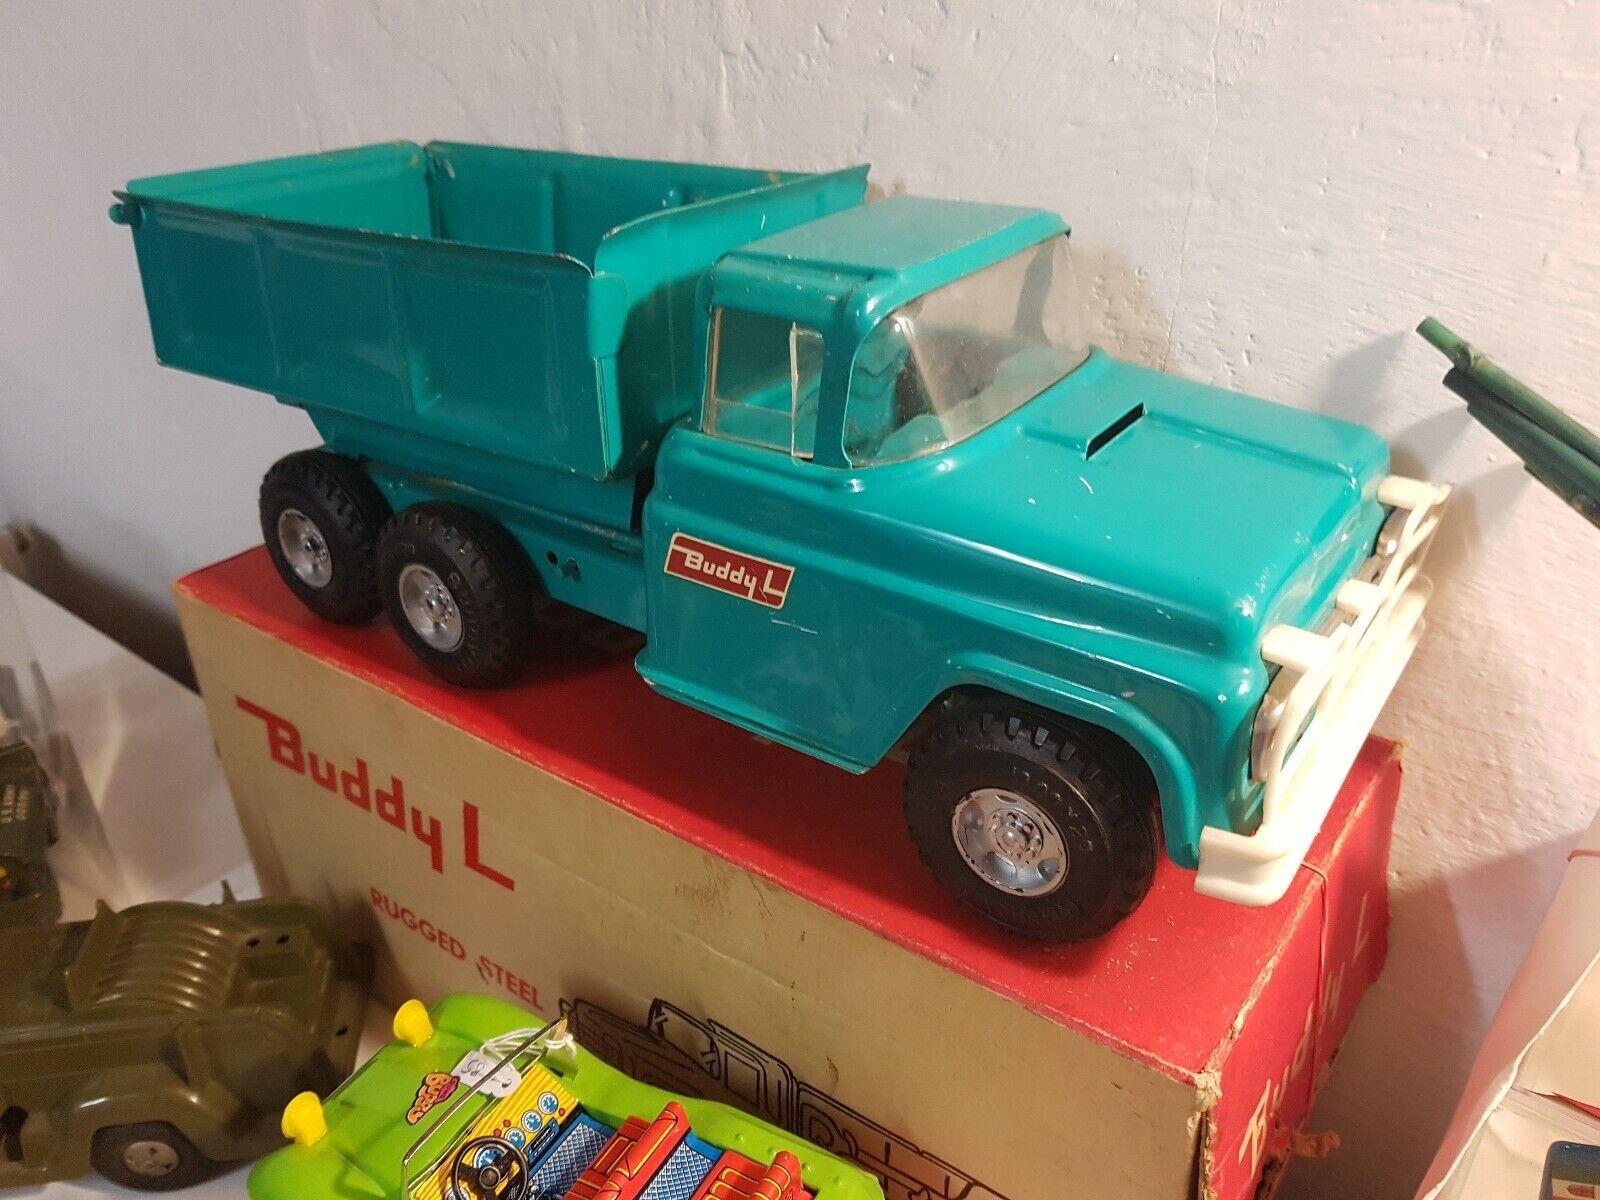 Tin Toy, camion in lamiera BUDDY-L anni 60, USA, in condizioni nuove con scatola